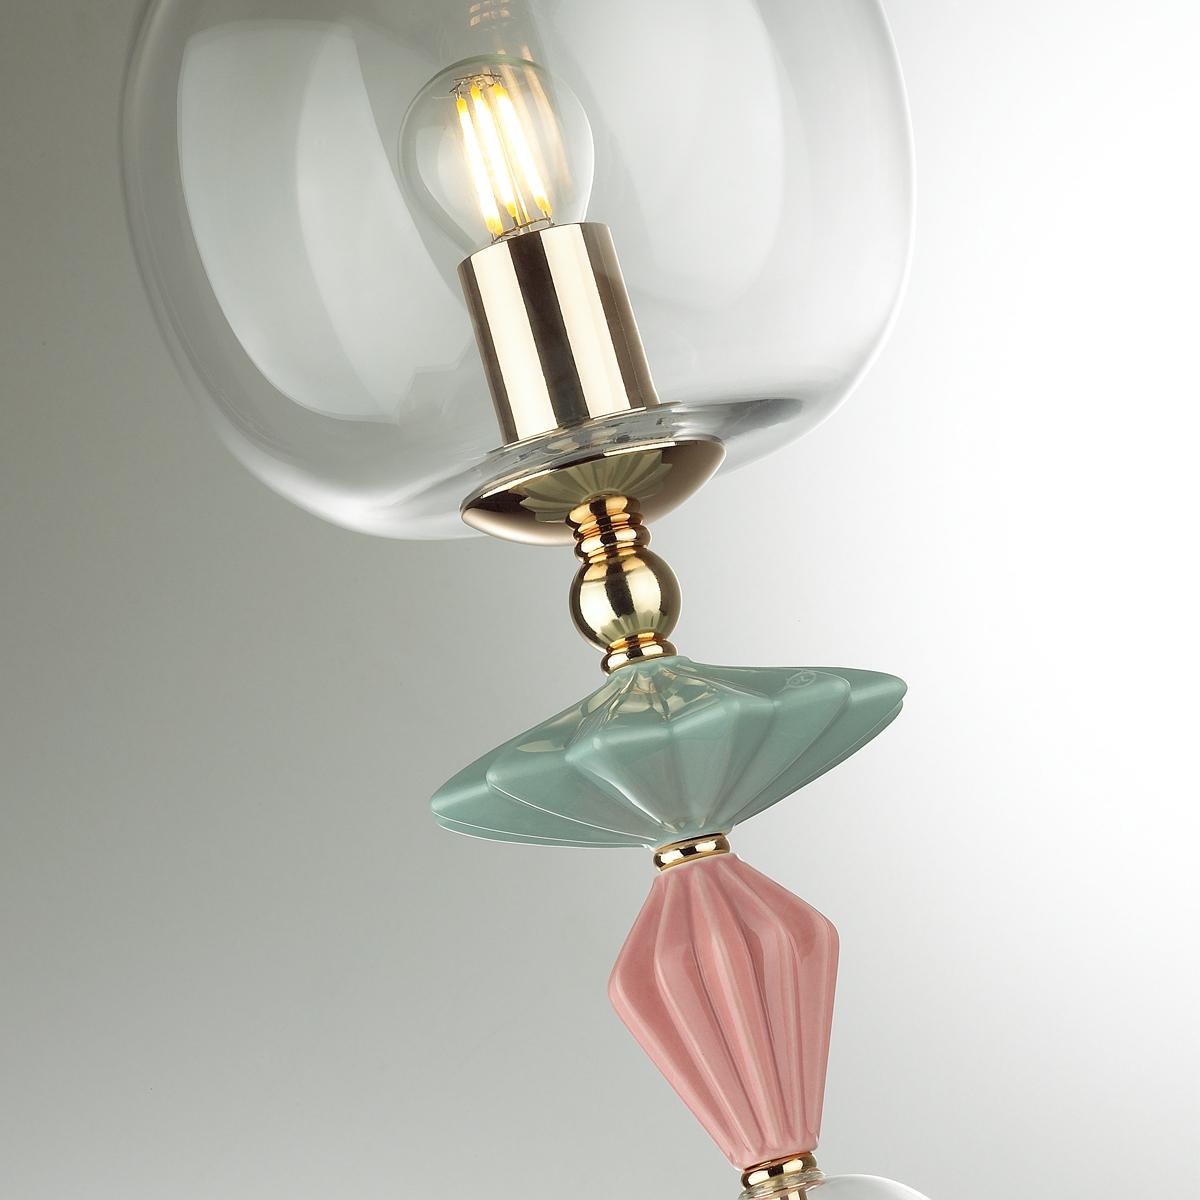 Настольная лампа Odeon Light Classic Bizet 4855/1T, 1xE14x40W, разноцветный, прозрачный, керамика, стекло - фото 6